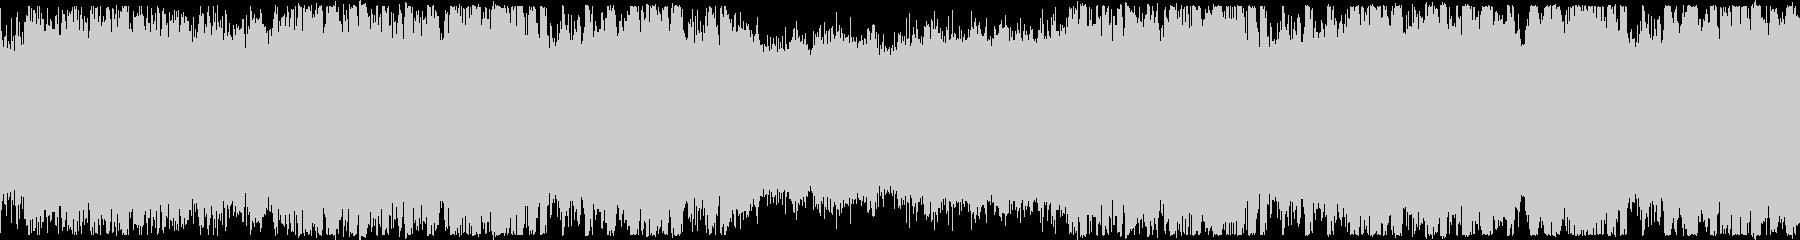 洋楽・おしゃれフューチャーベース・ループの未再生の波形